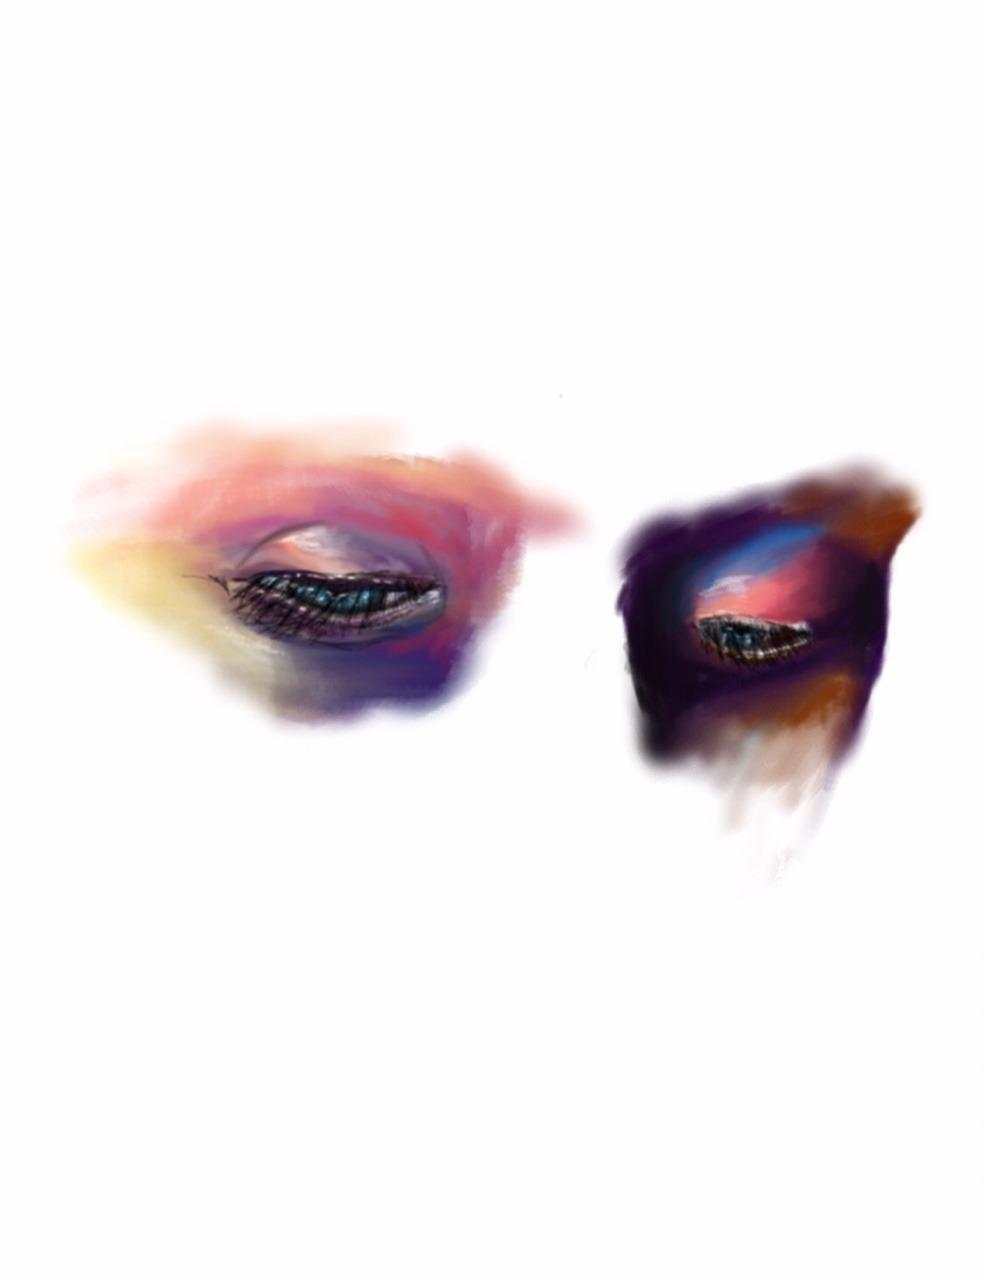 Audrey's Eyes - Digital Media